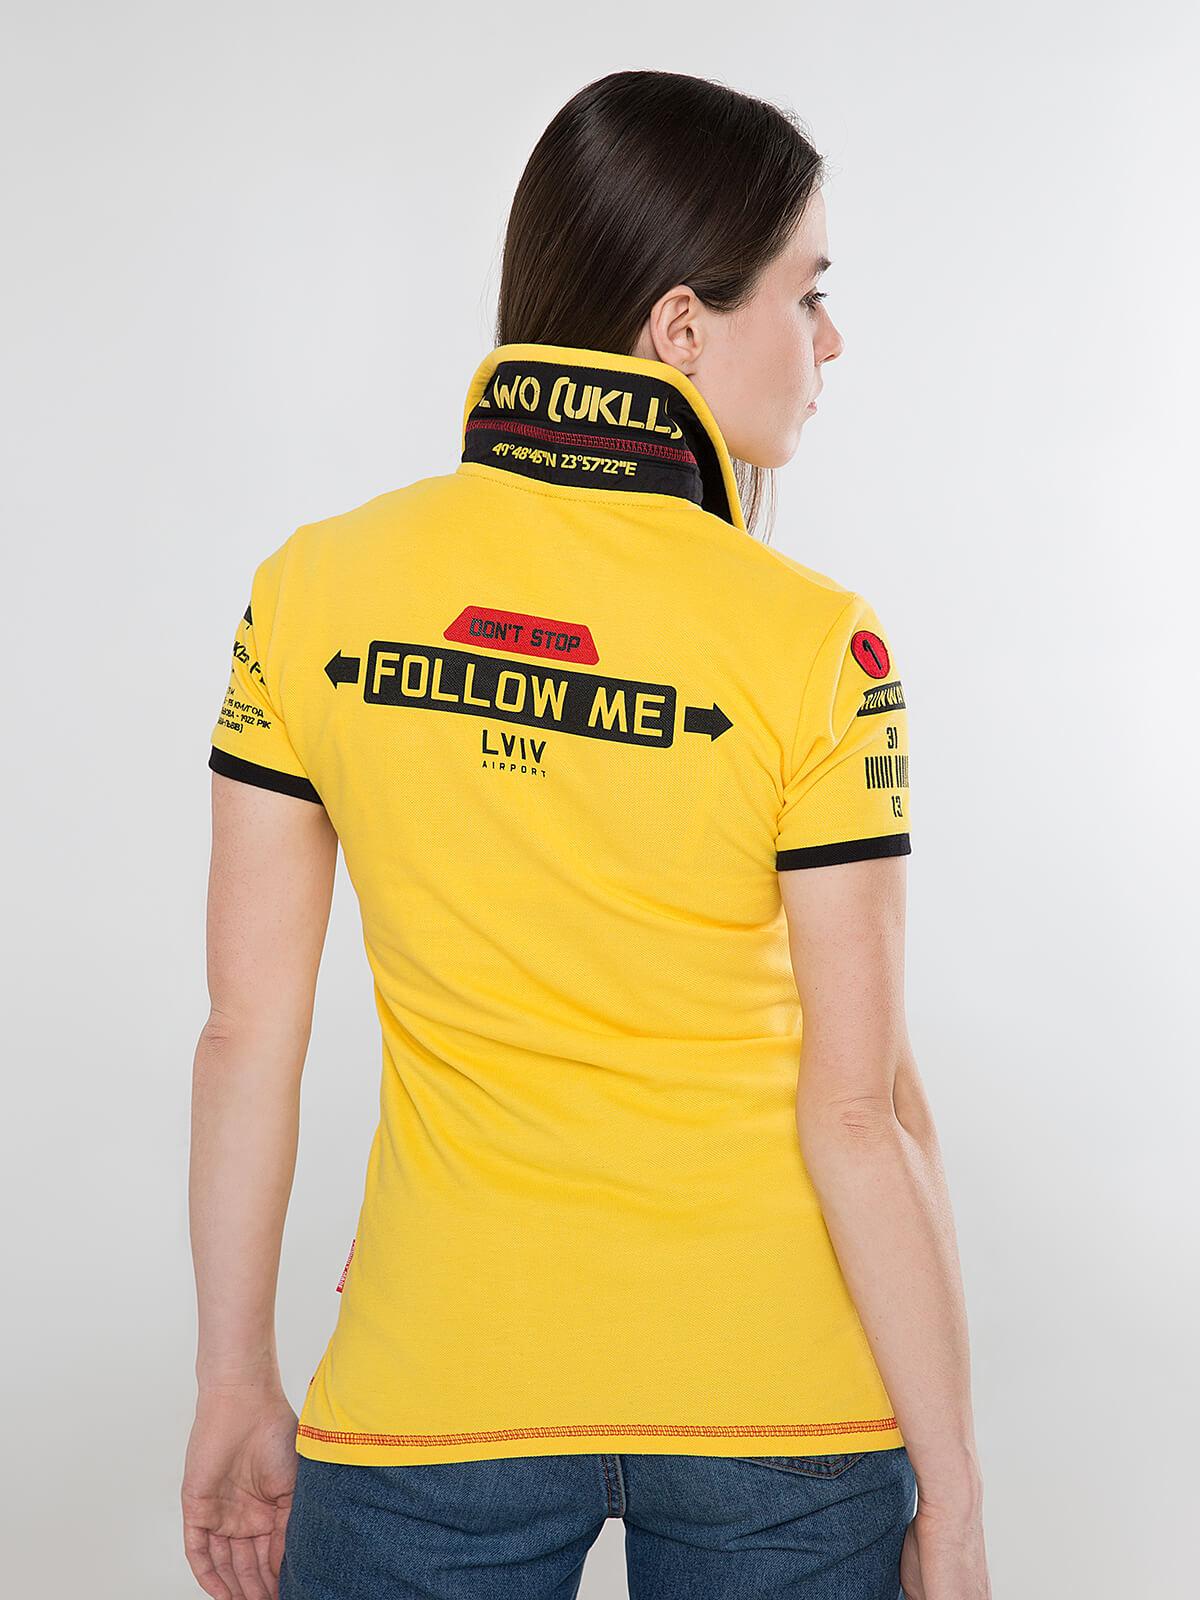 Жіноче Поло Follow Me. Колір жовтий.  Технологія нанесення зображень: вишивка, шовкодрук, шеврони.